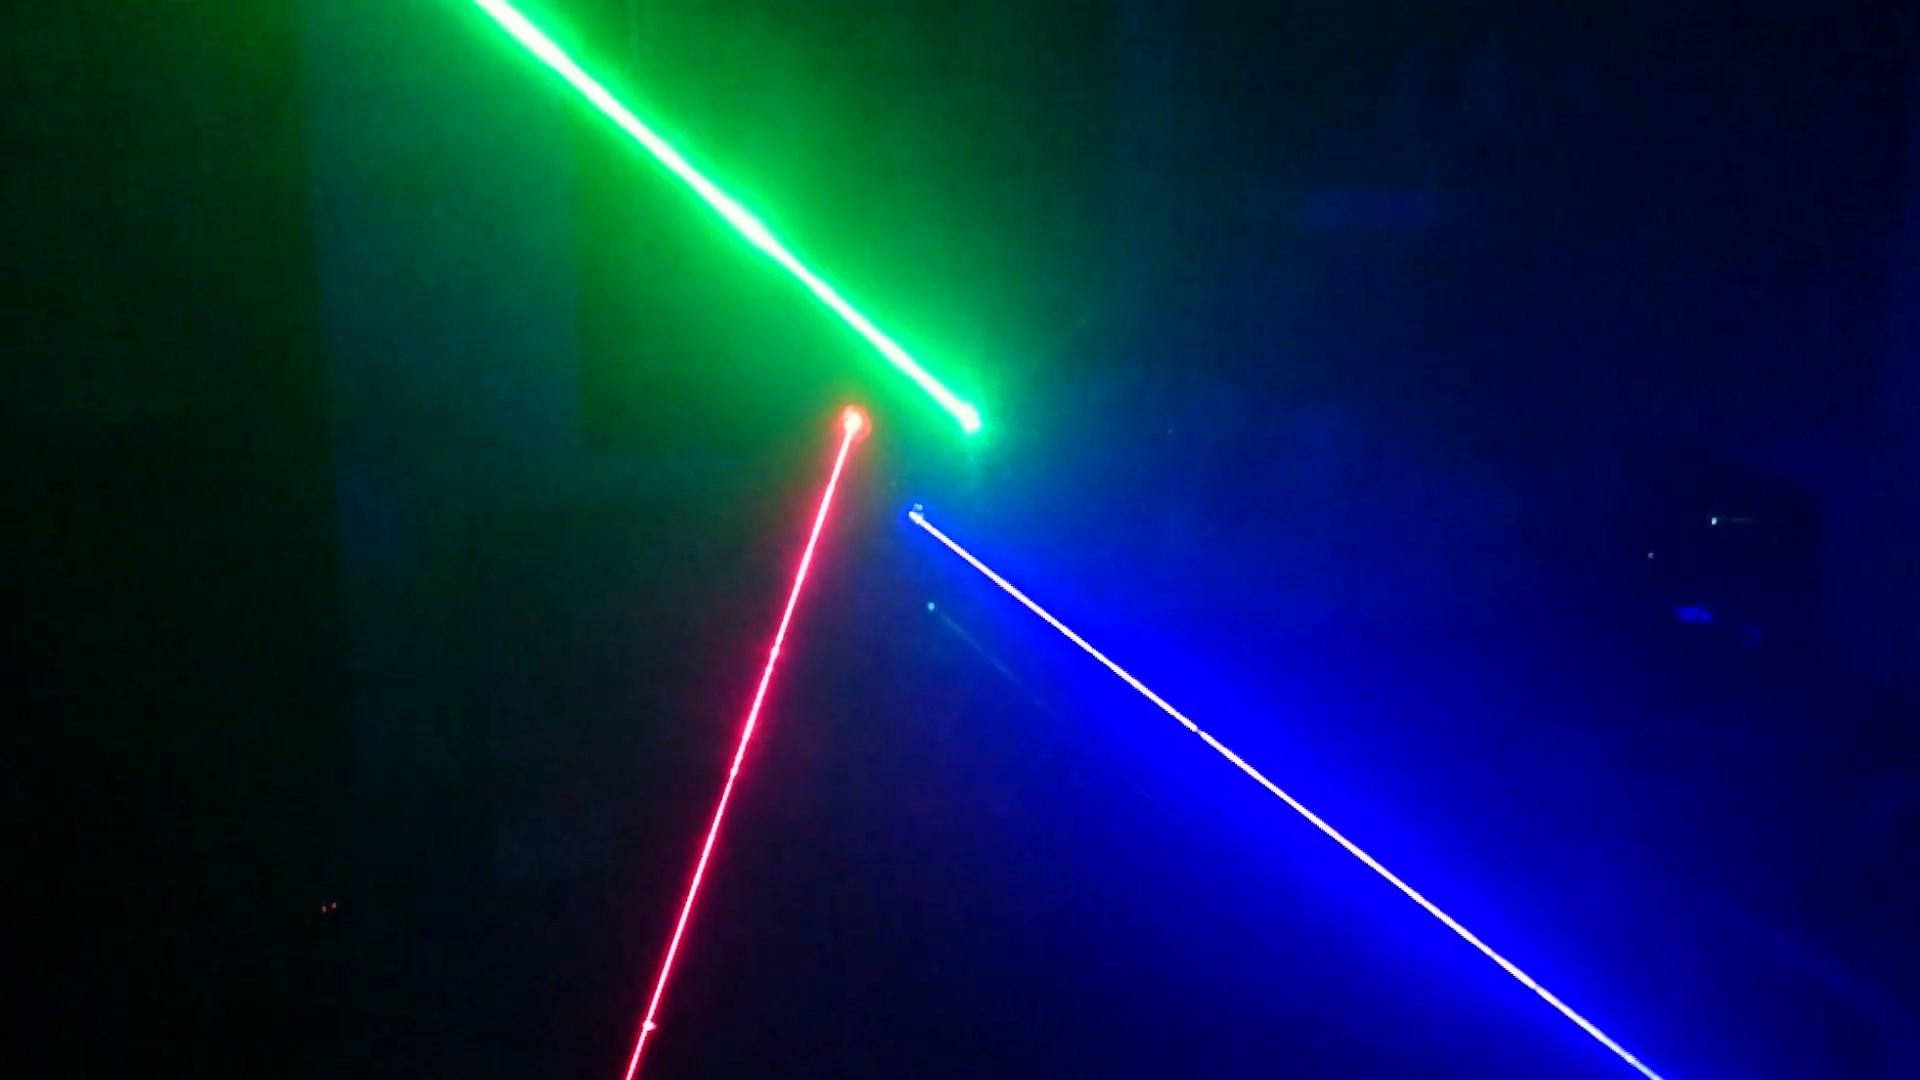 Tia sáng cực mạnh của Đèn laser trung tâm 3 cửa 3 màu RGB